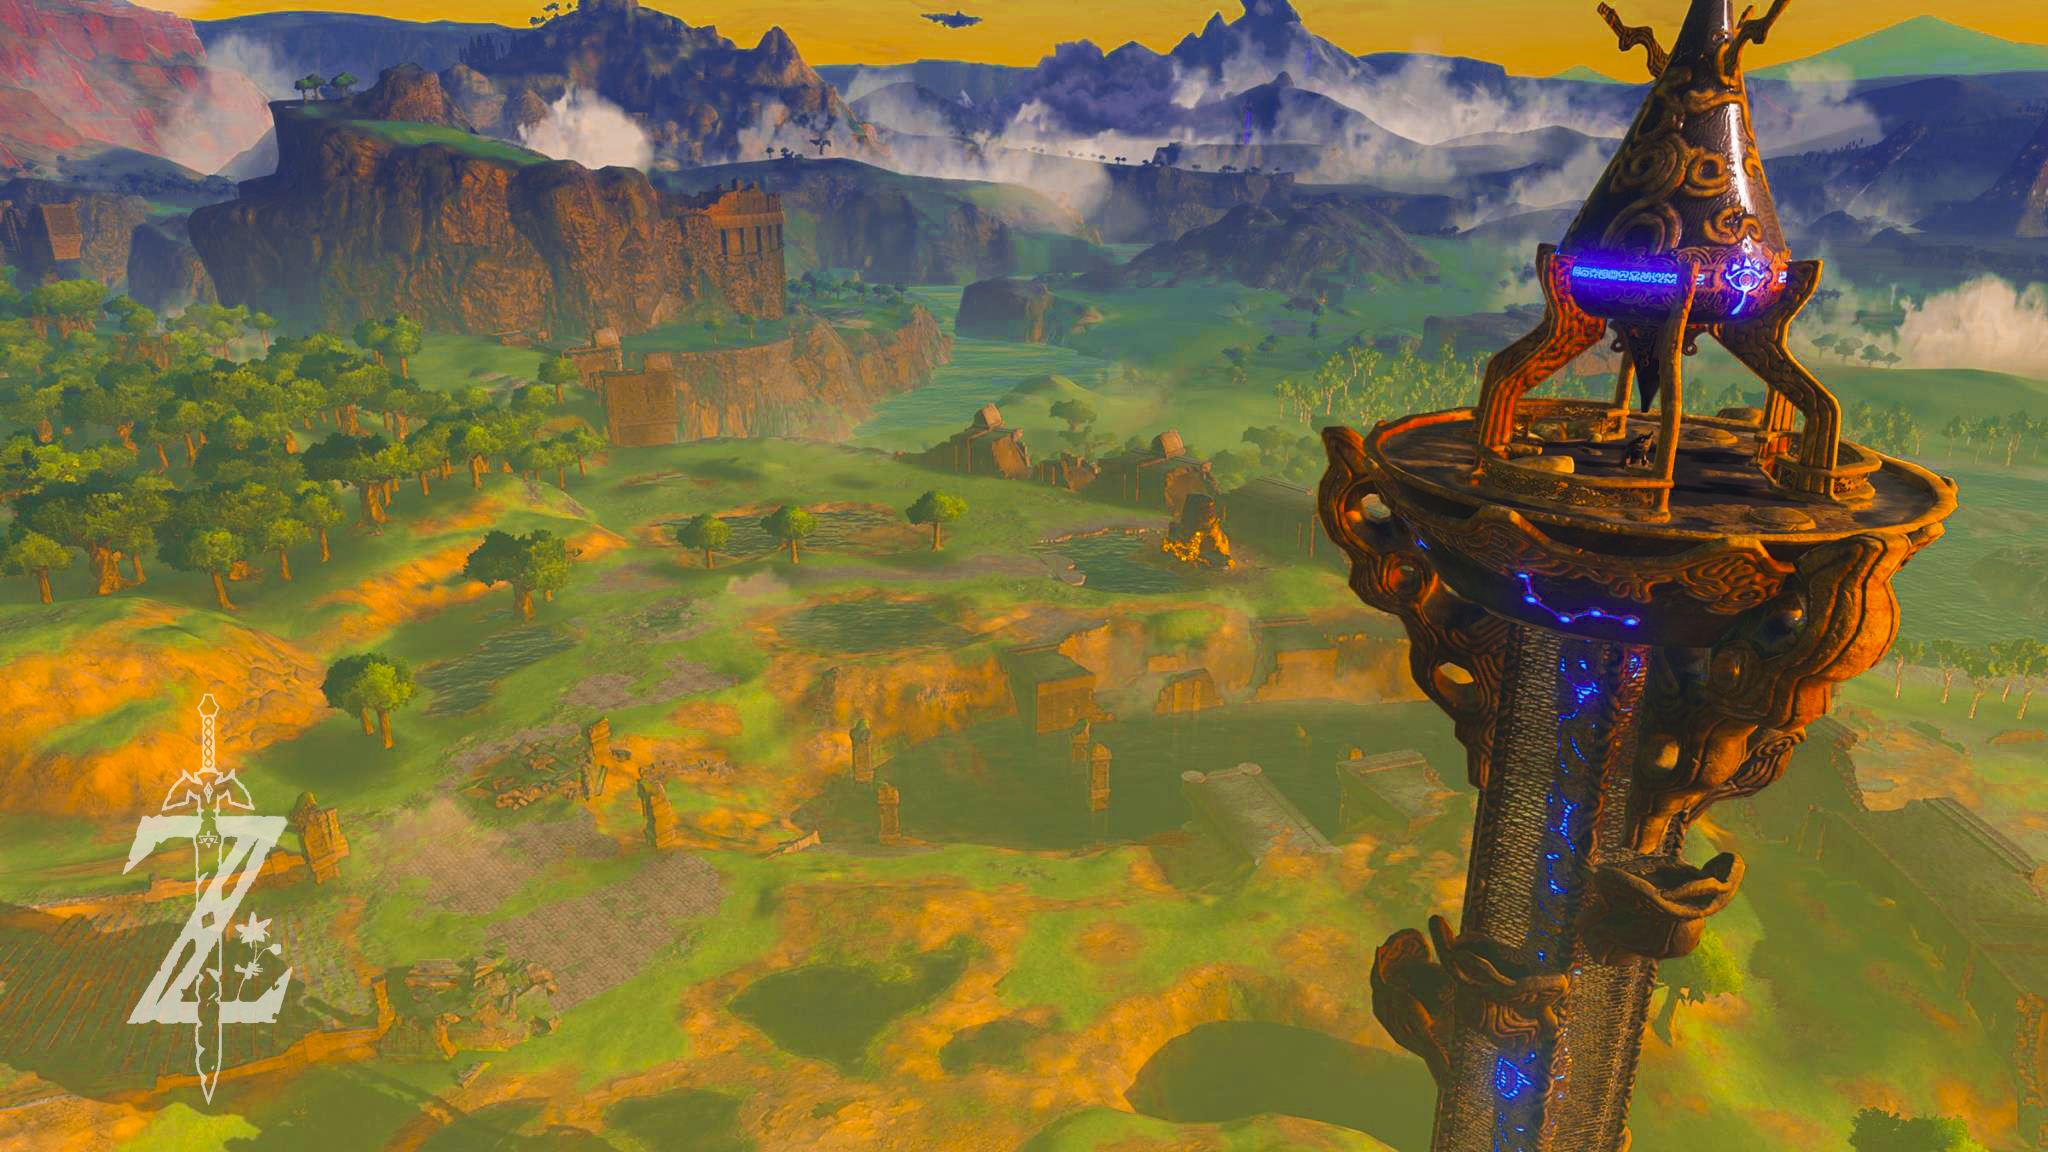 Legend Of Zelda Breath Of The Wild Wallpaper 1920x1080